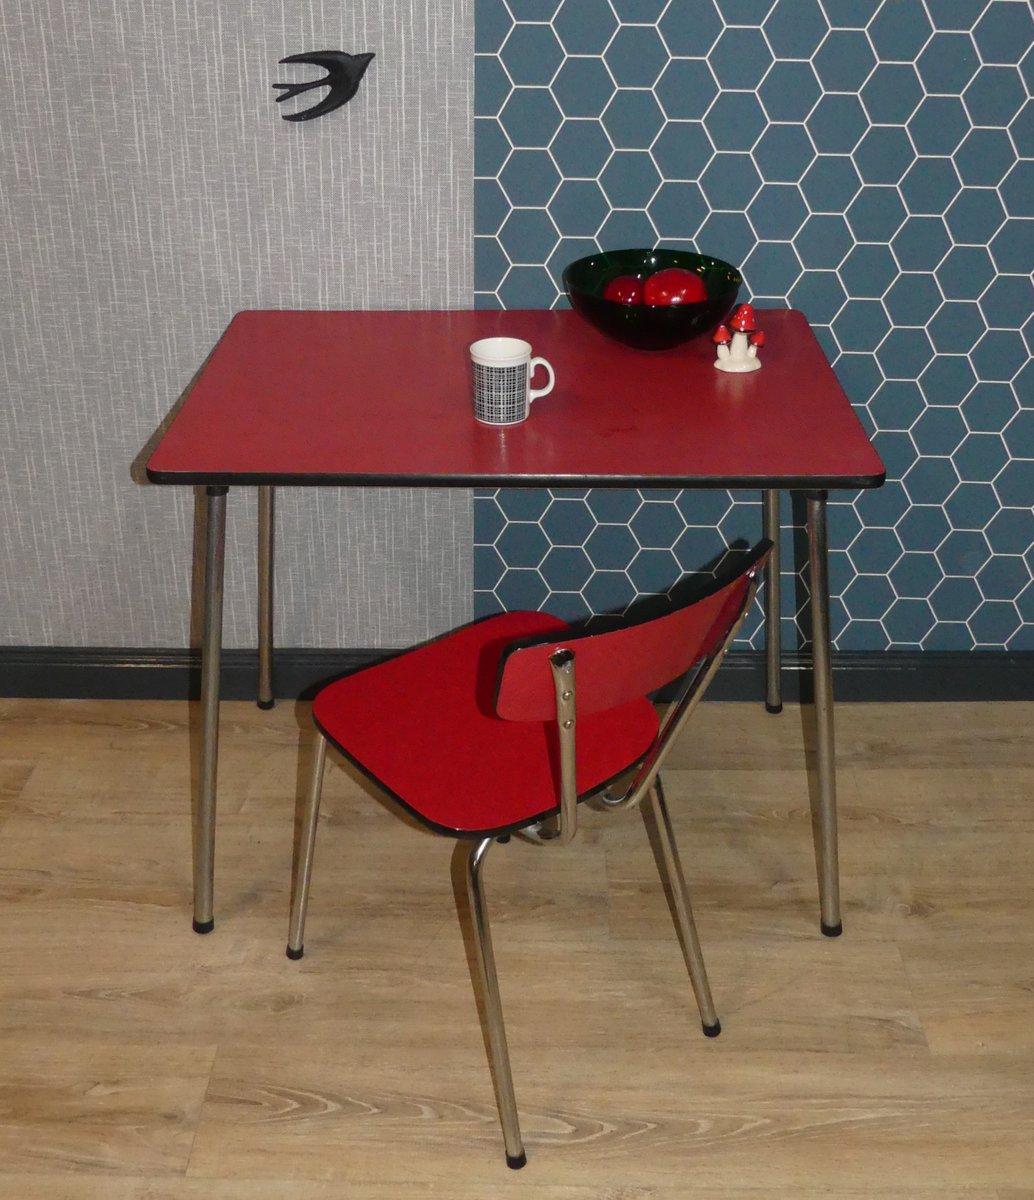 vintage chrome formica kitchen table 1950s for sale at. Black Bedroom Furniture Sets. Home Design Ideas